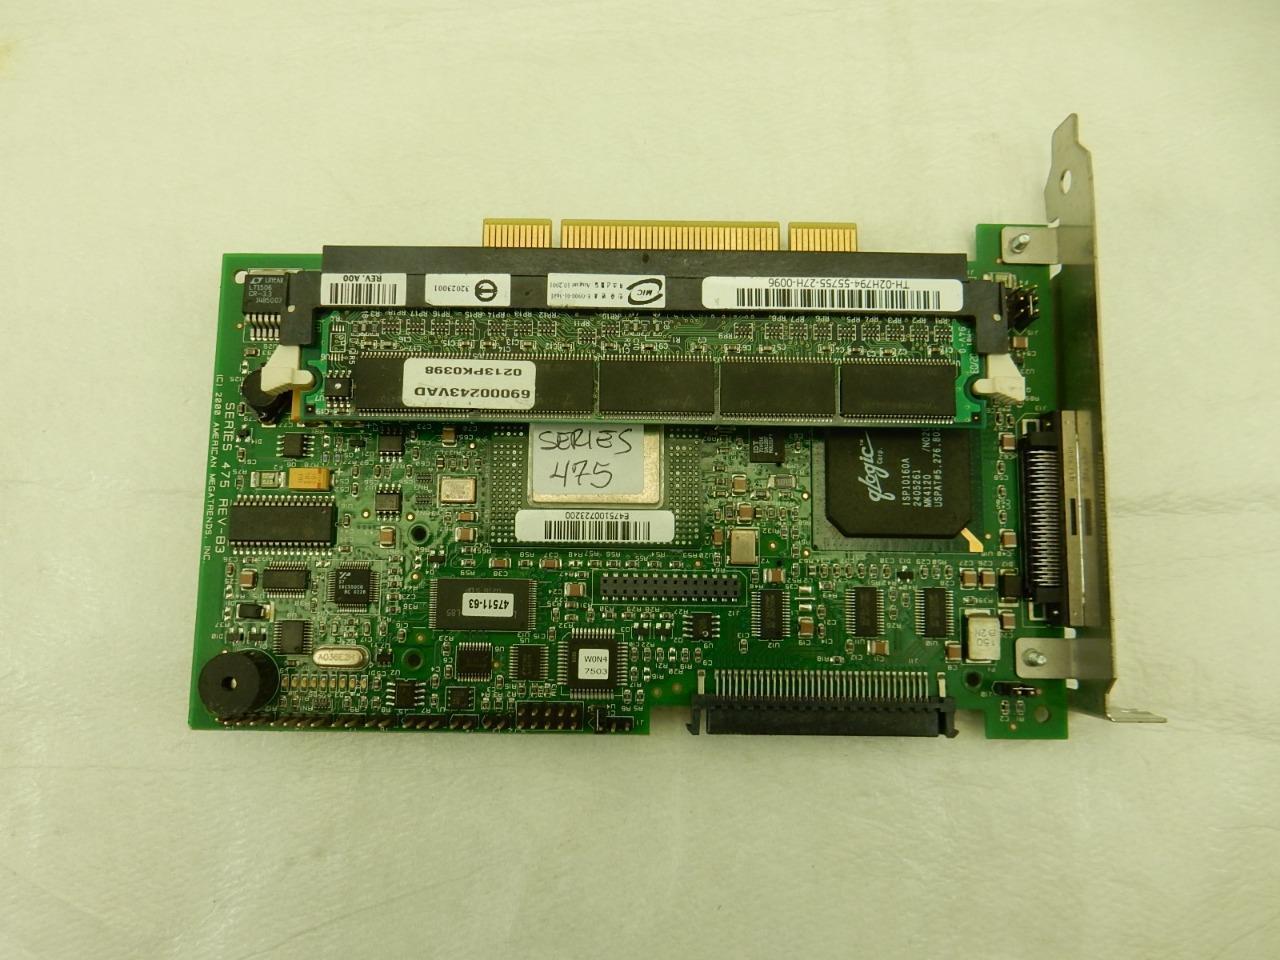 American Megatrends SERIES 475 REV-B3 PCI SCSI Card with 32MB Memory